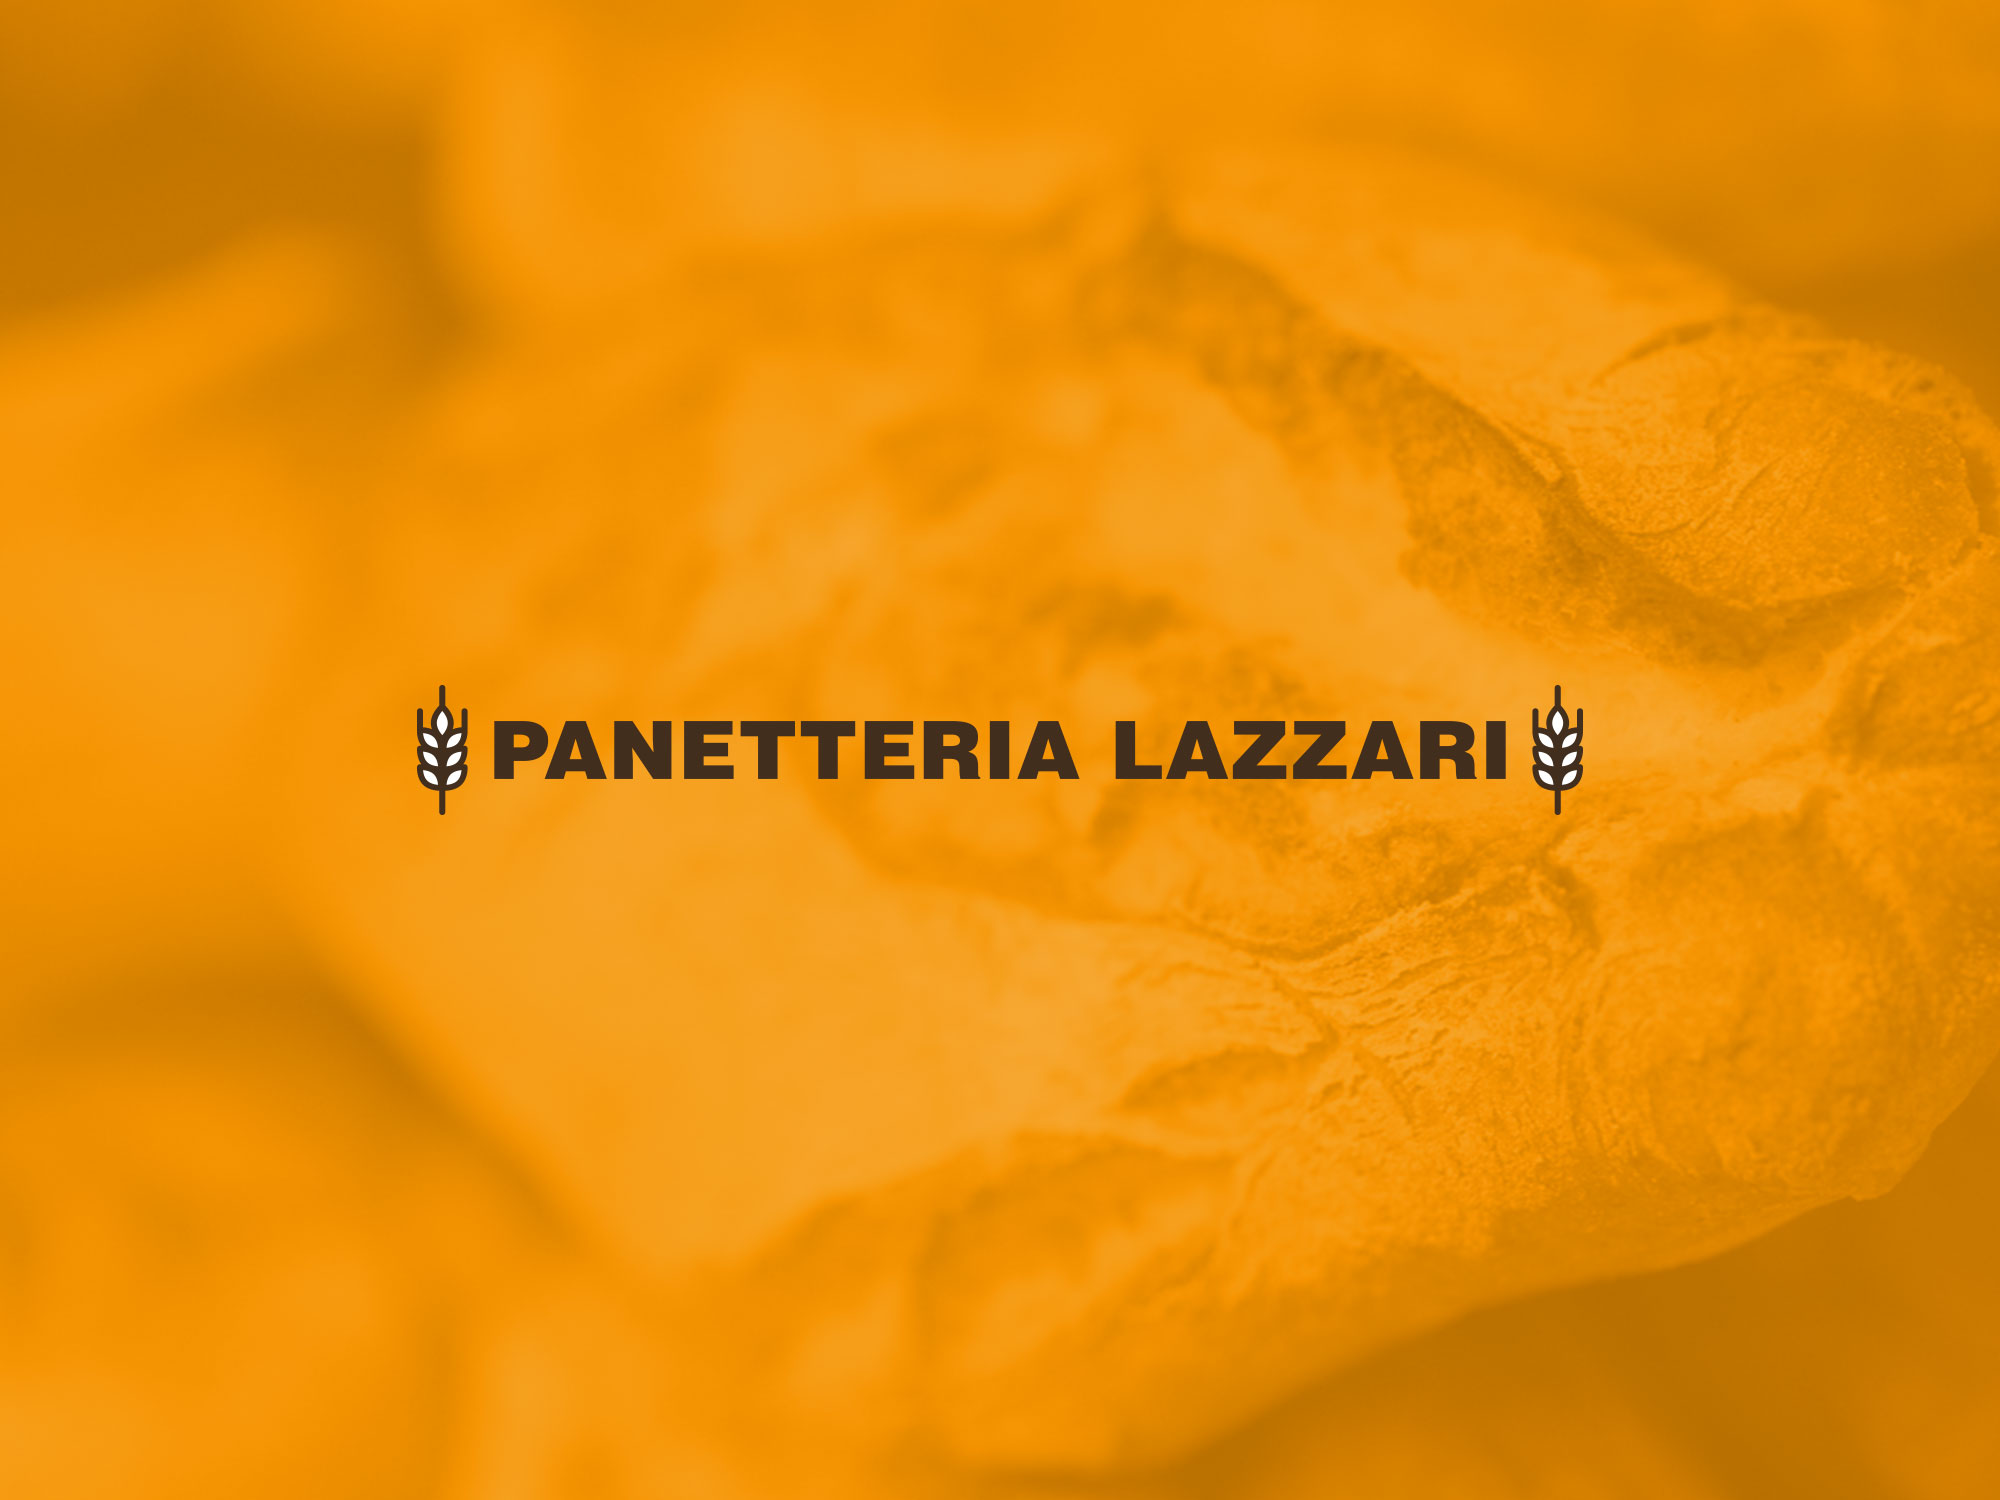 lazzari1